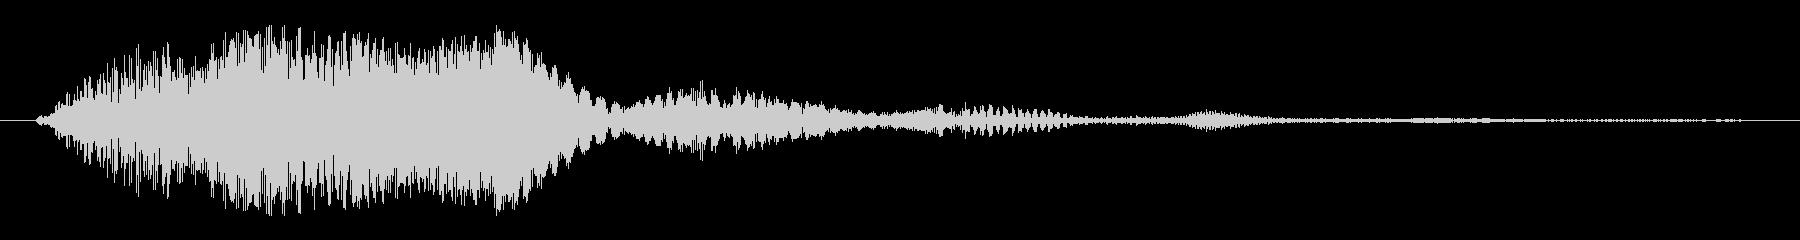 カァワァワァワァ〜ン(鐘の音)の未再生の波形